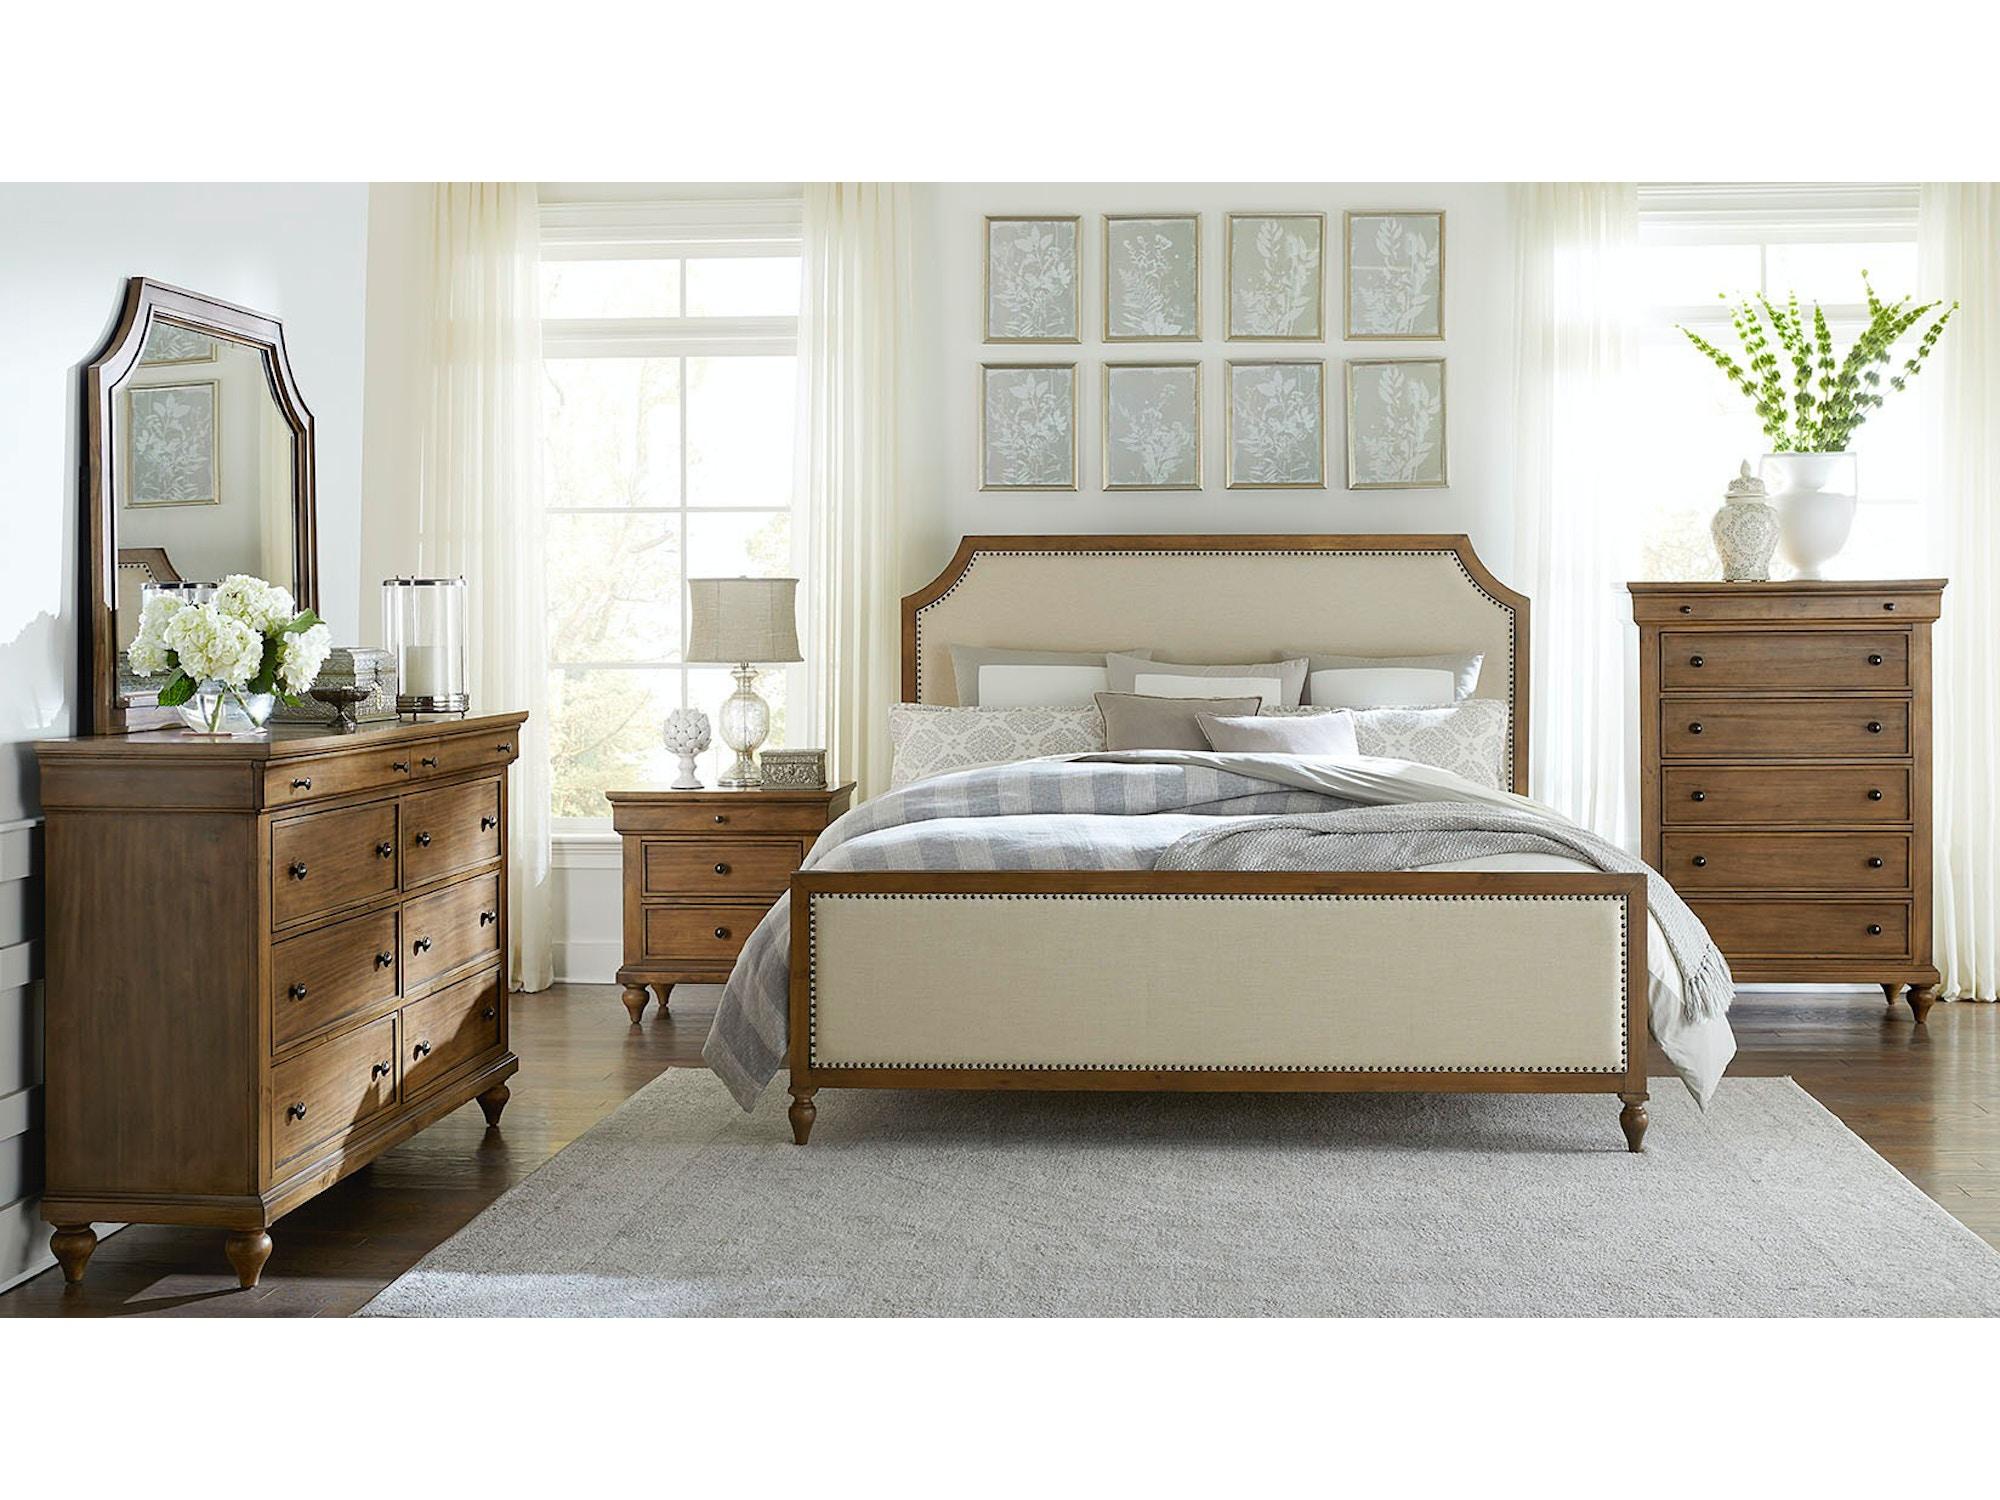 Standard Furniture Bedroom Master Bedroom Sets Furniture Fair - Furniture fair bedroom sets